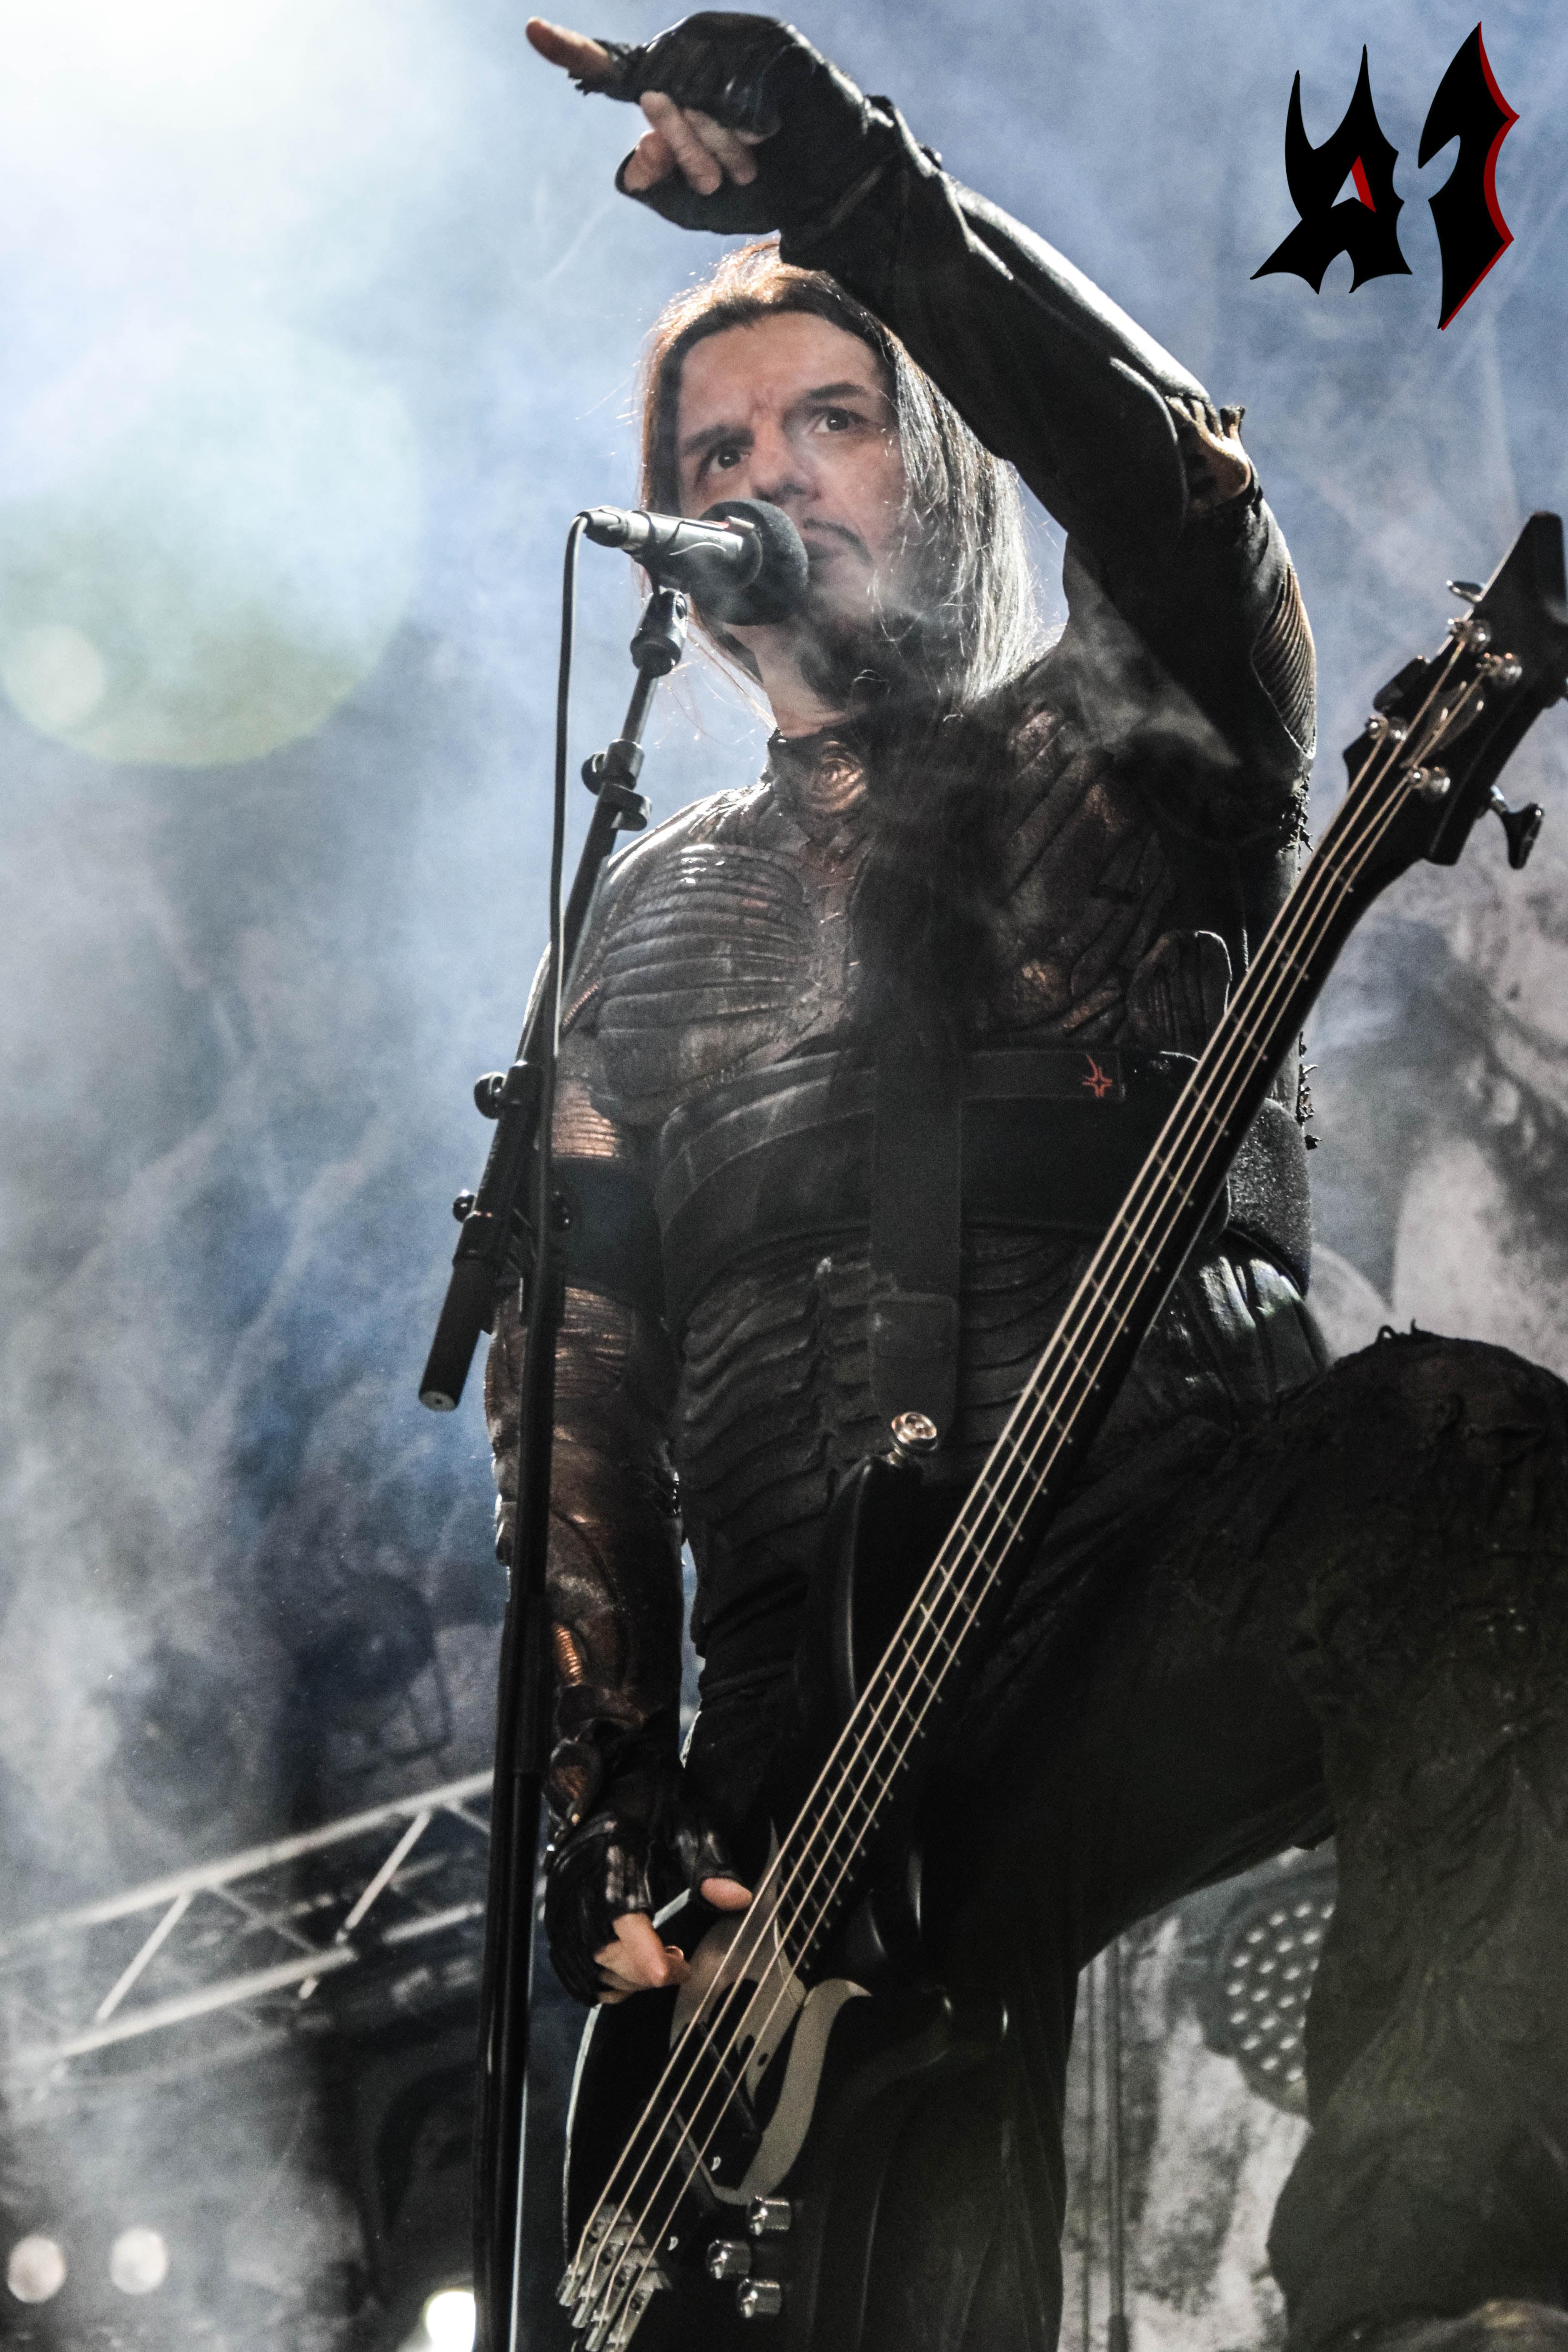 Hellfest 2018 – Day 3 - Septicflesh 3